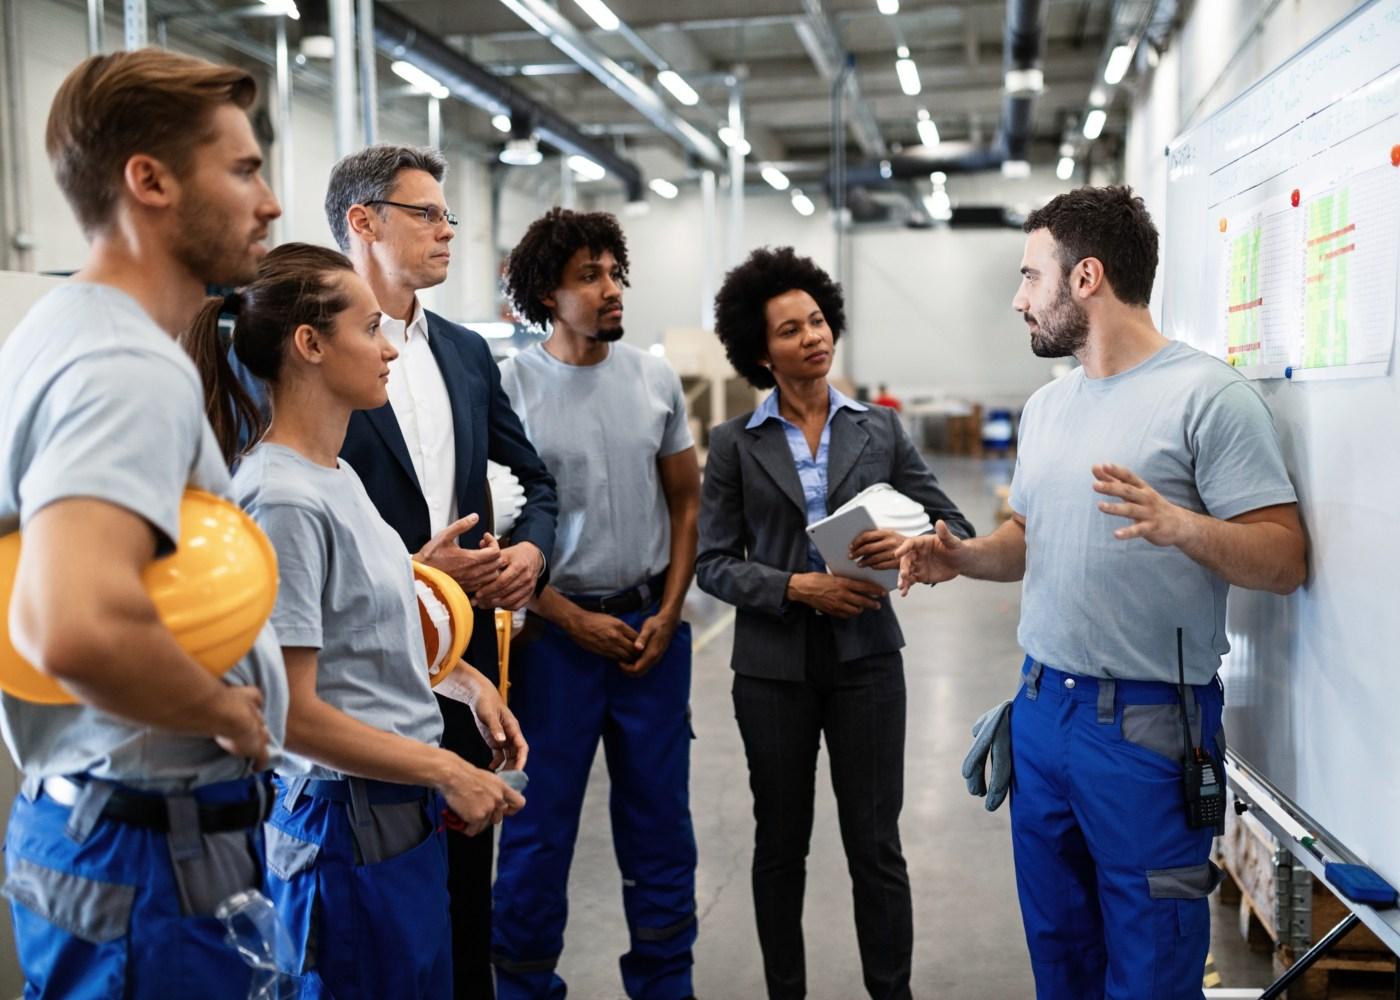 trabalhadores de fábrica a reunir